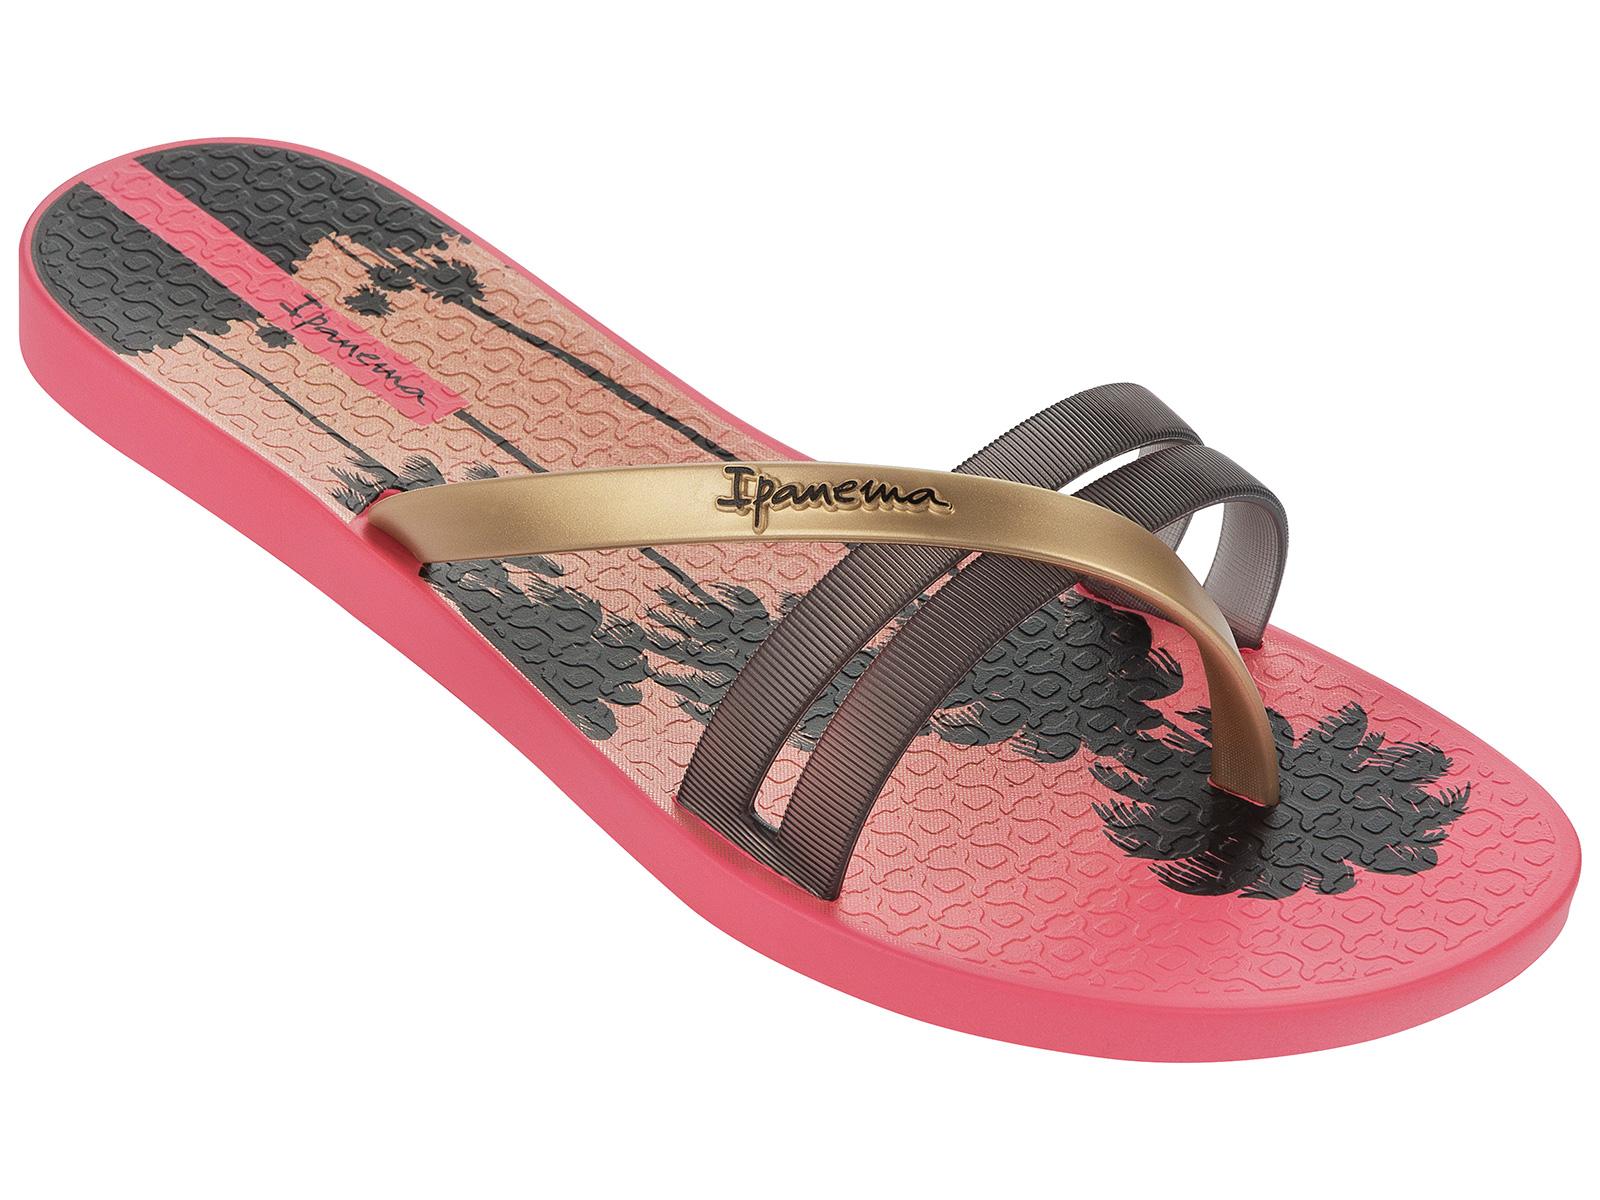 Brazilian Shoes For Men